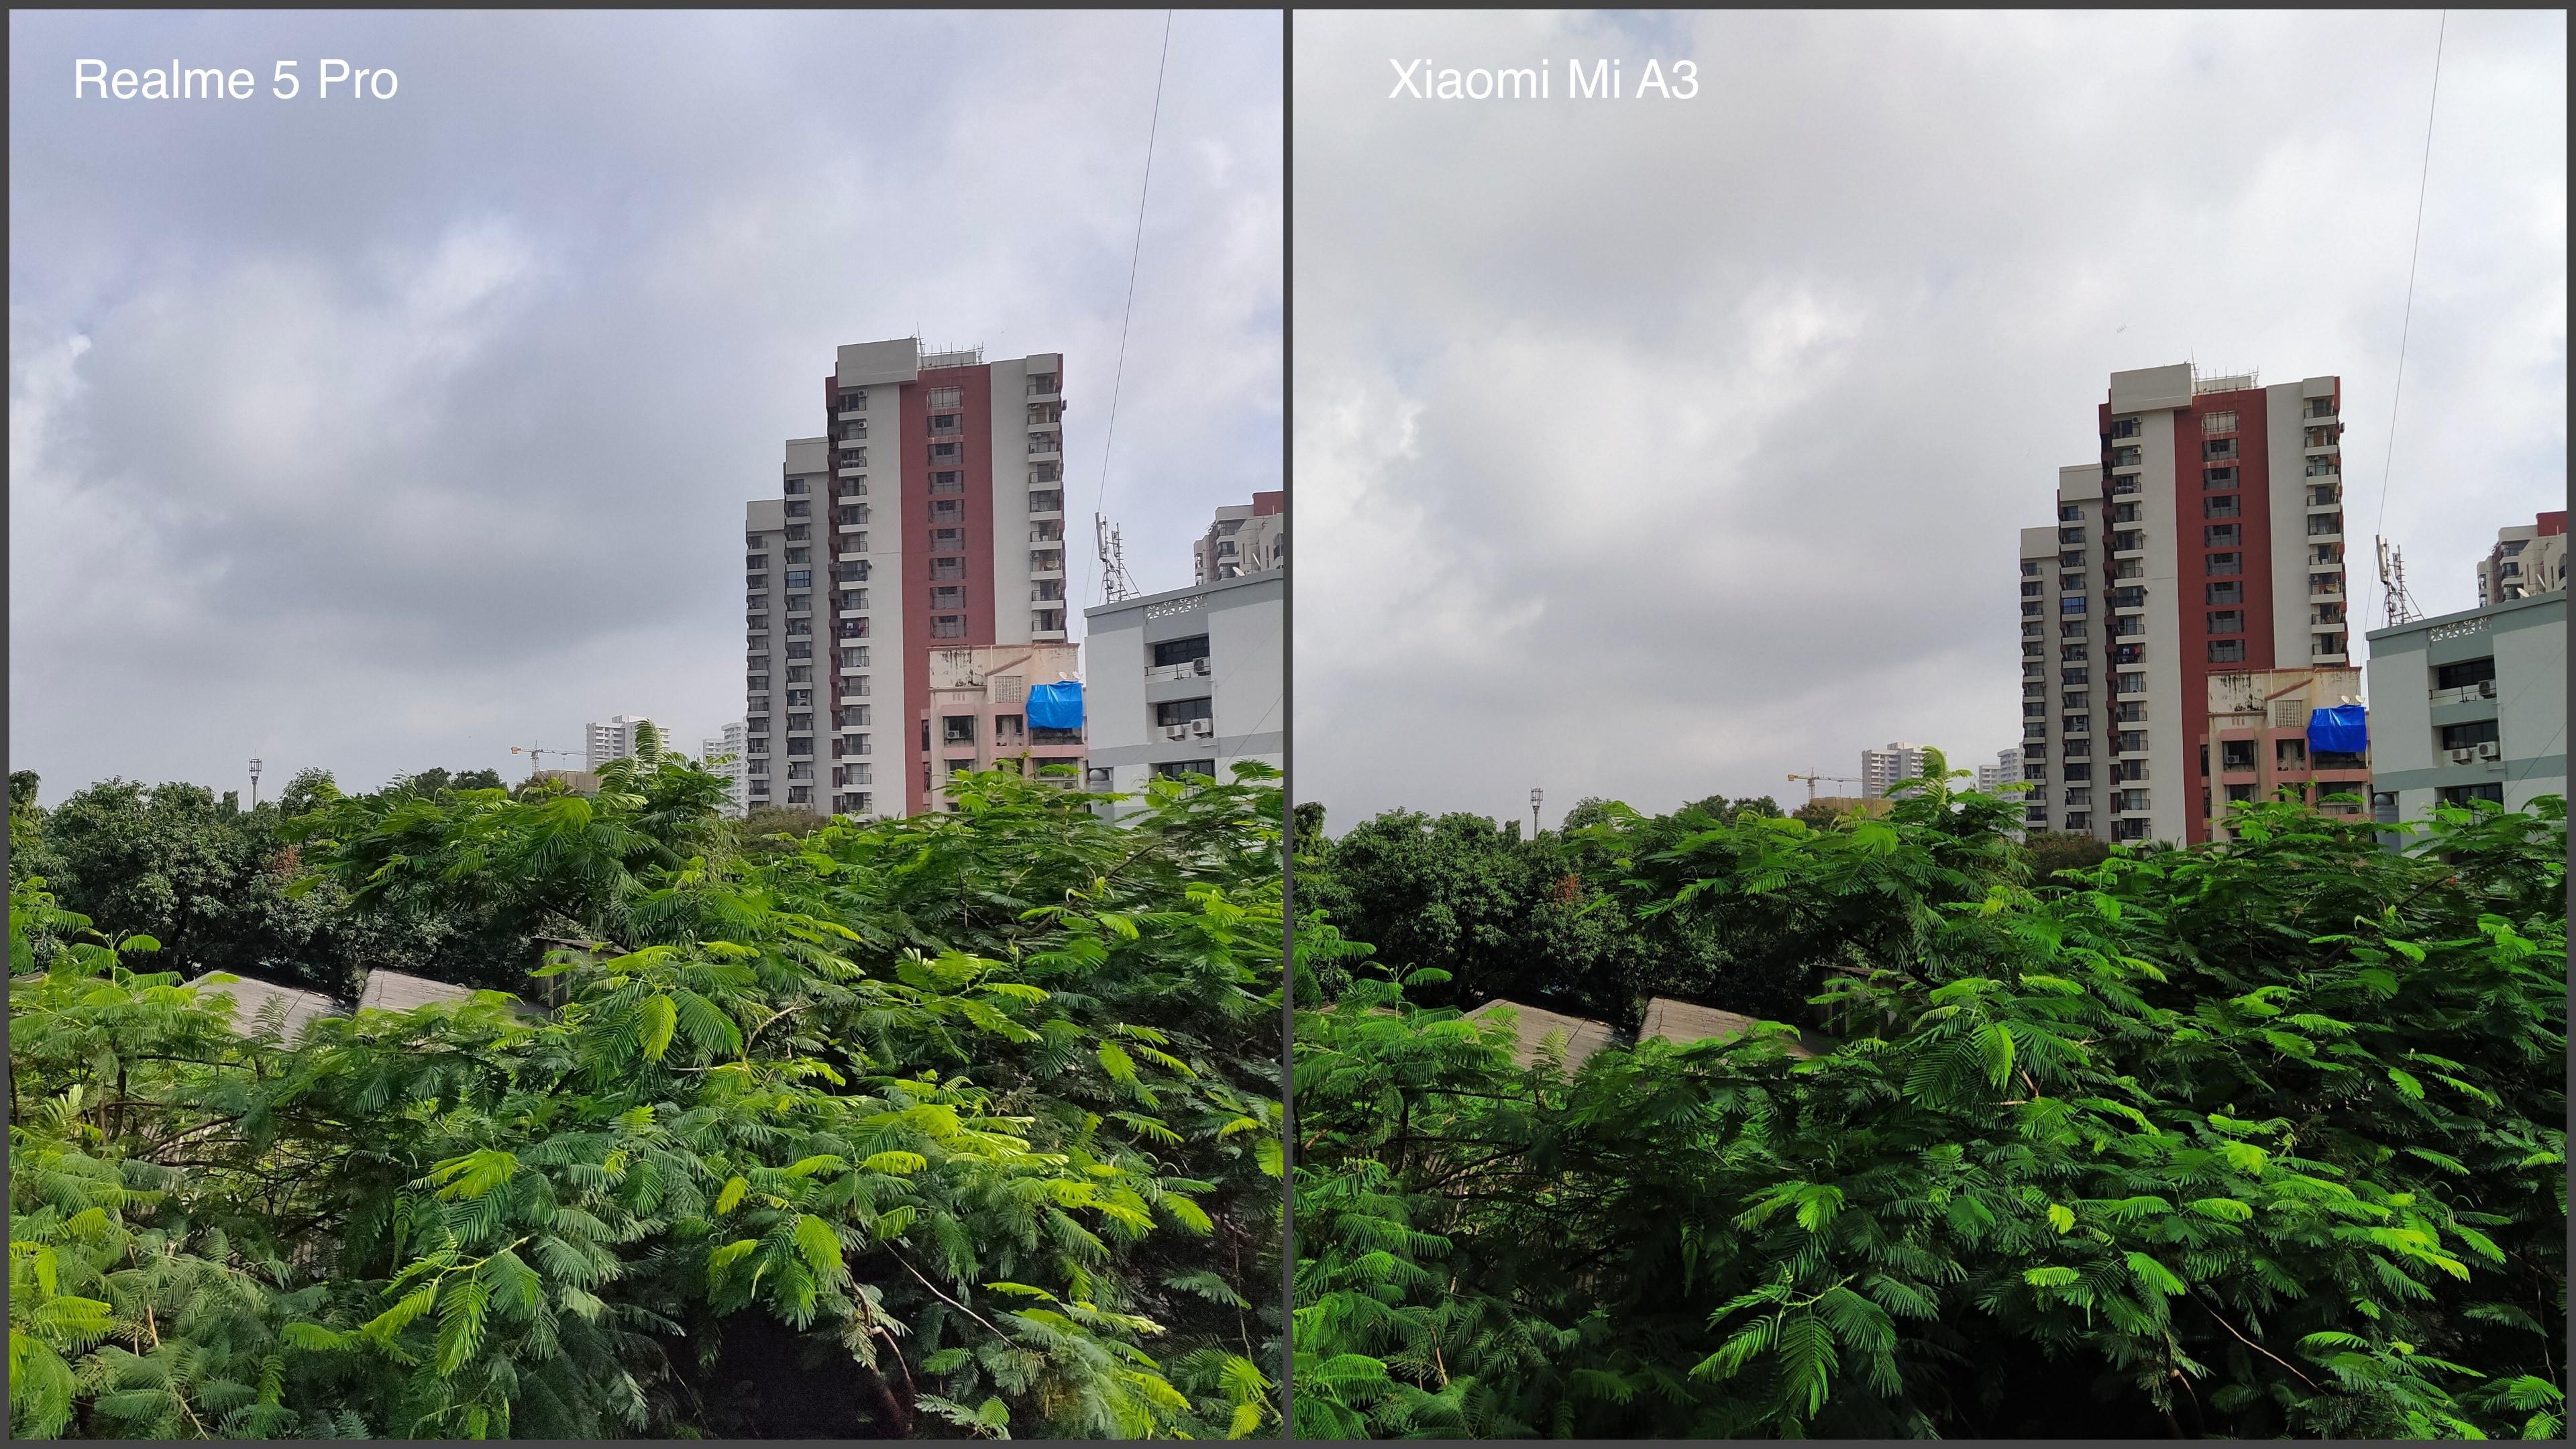 Realme 5 Pro vs Xiaomi Mi A3 Camera Comparison: Which Phone